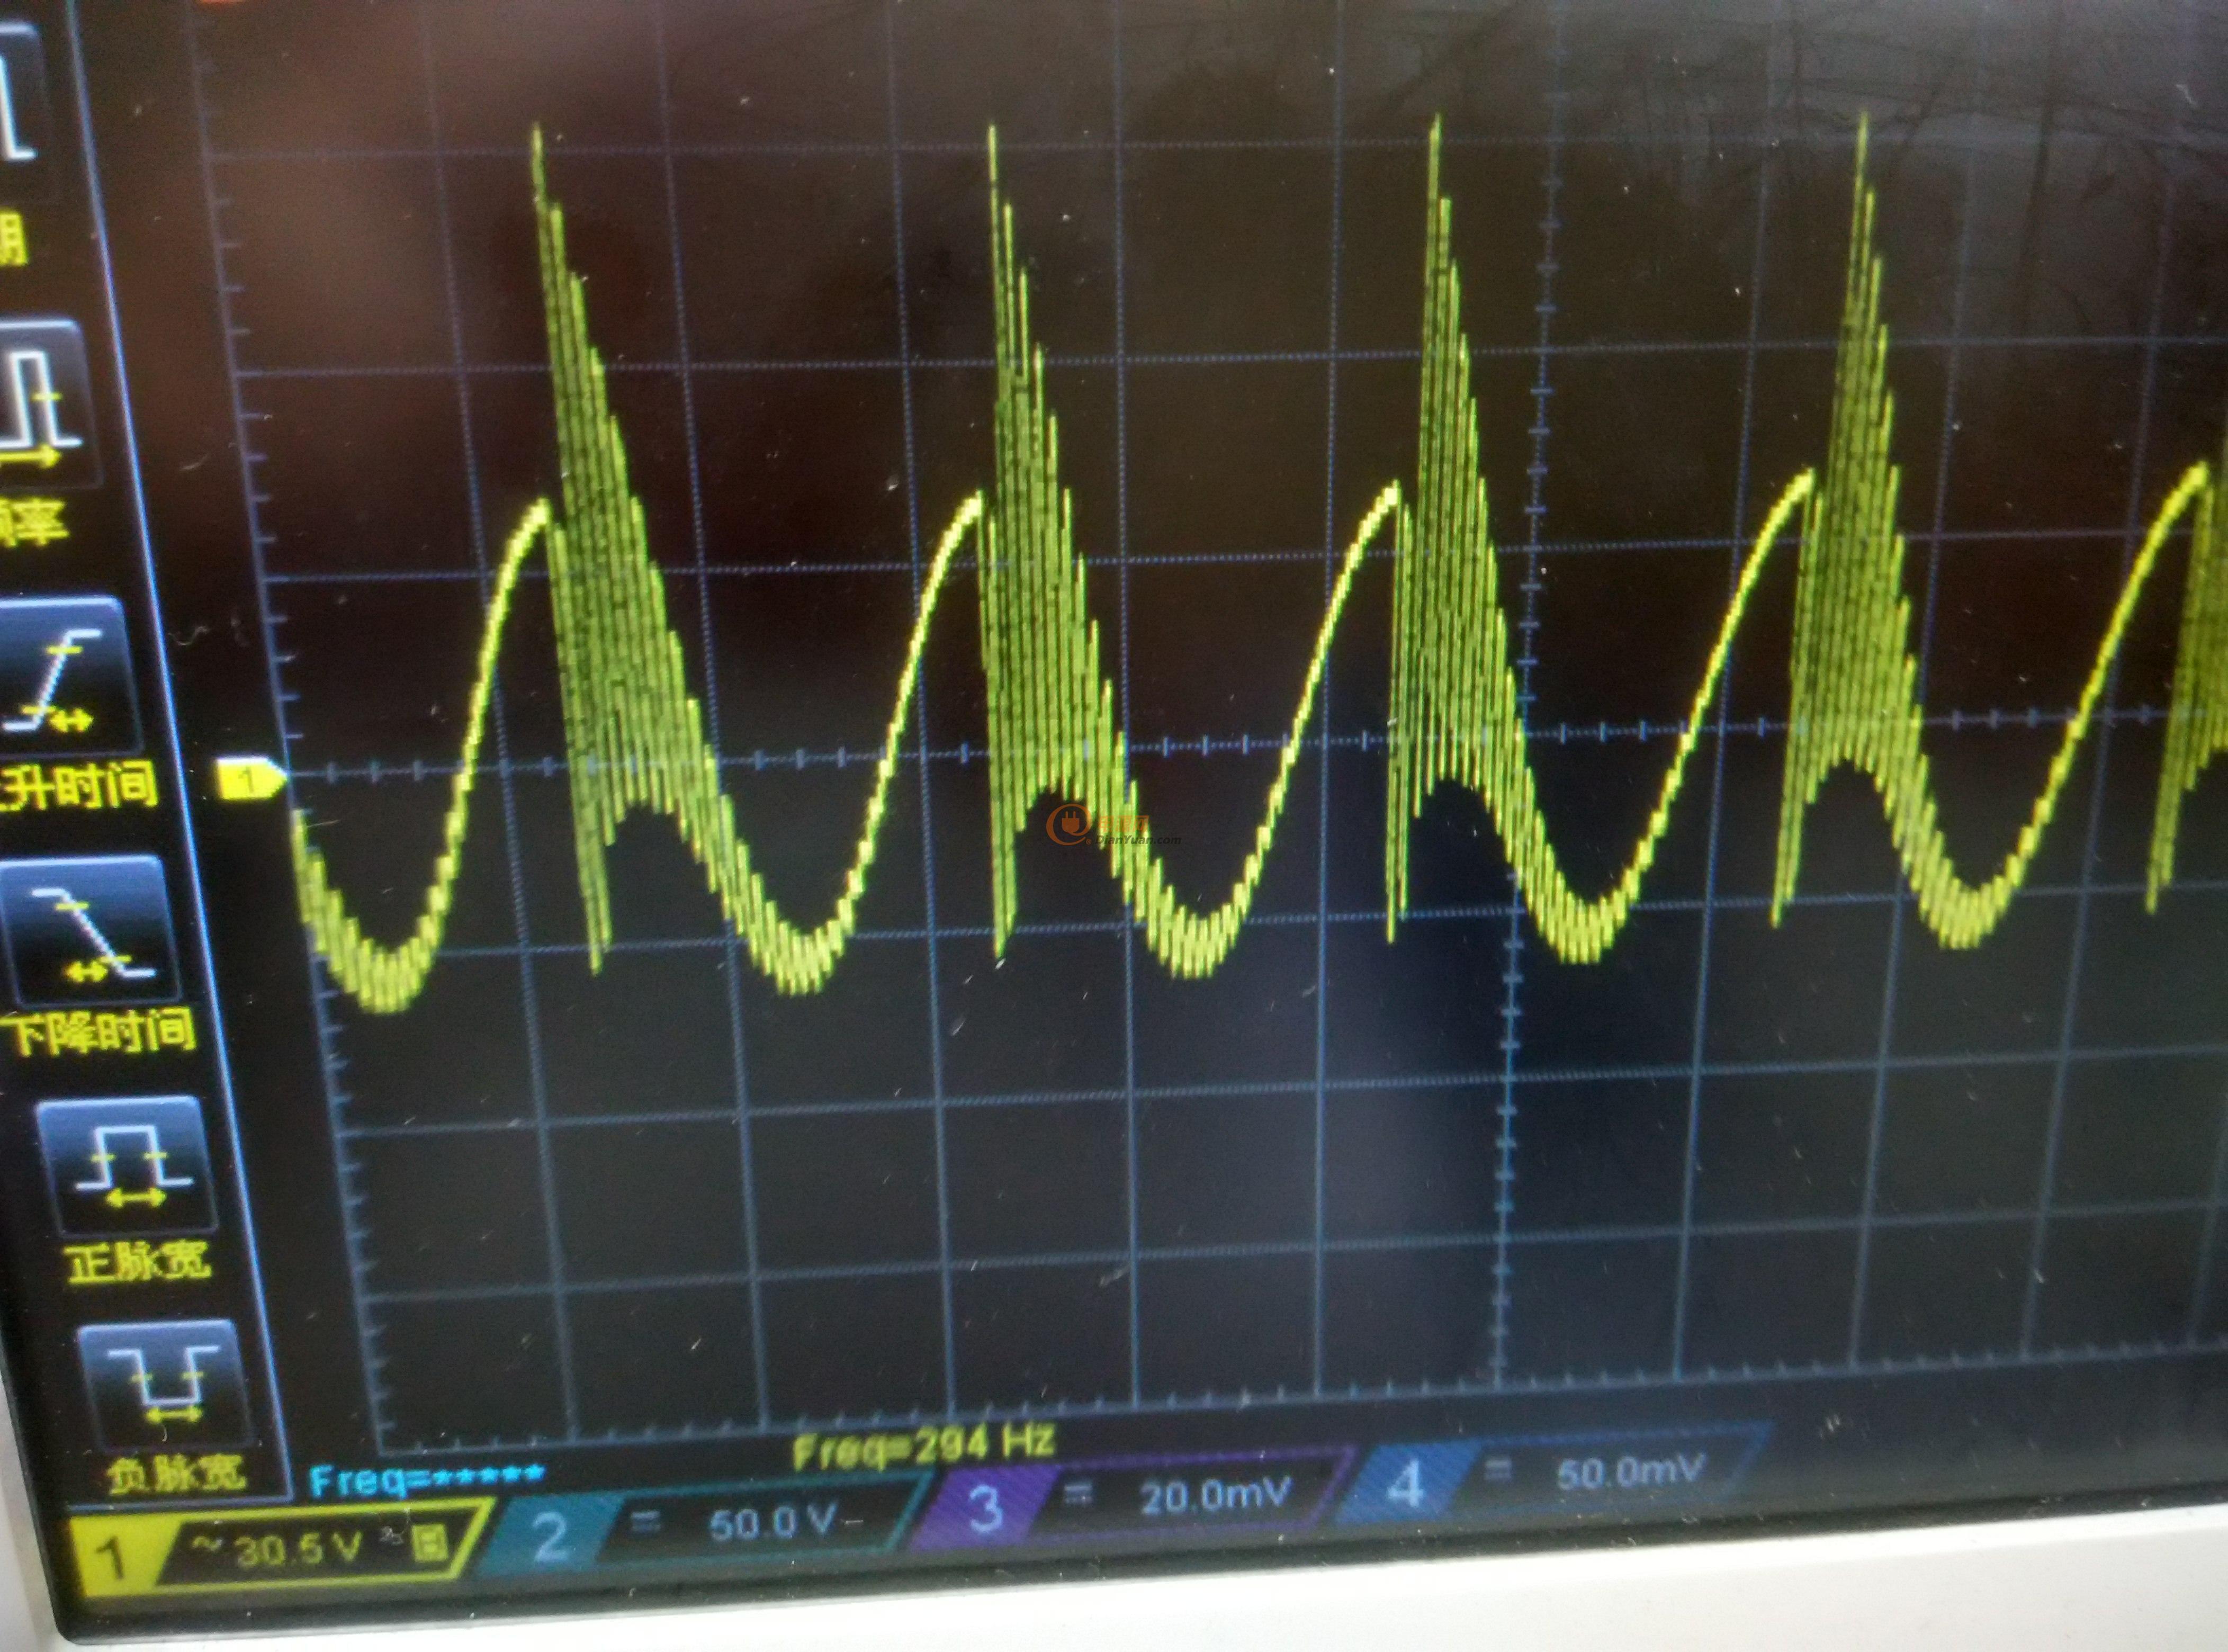 【逆变原创】stm8正弦波逆变器前后驱动---600w(调试思路)--更新完成!